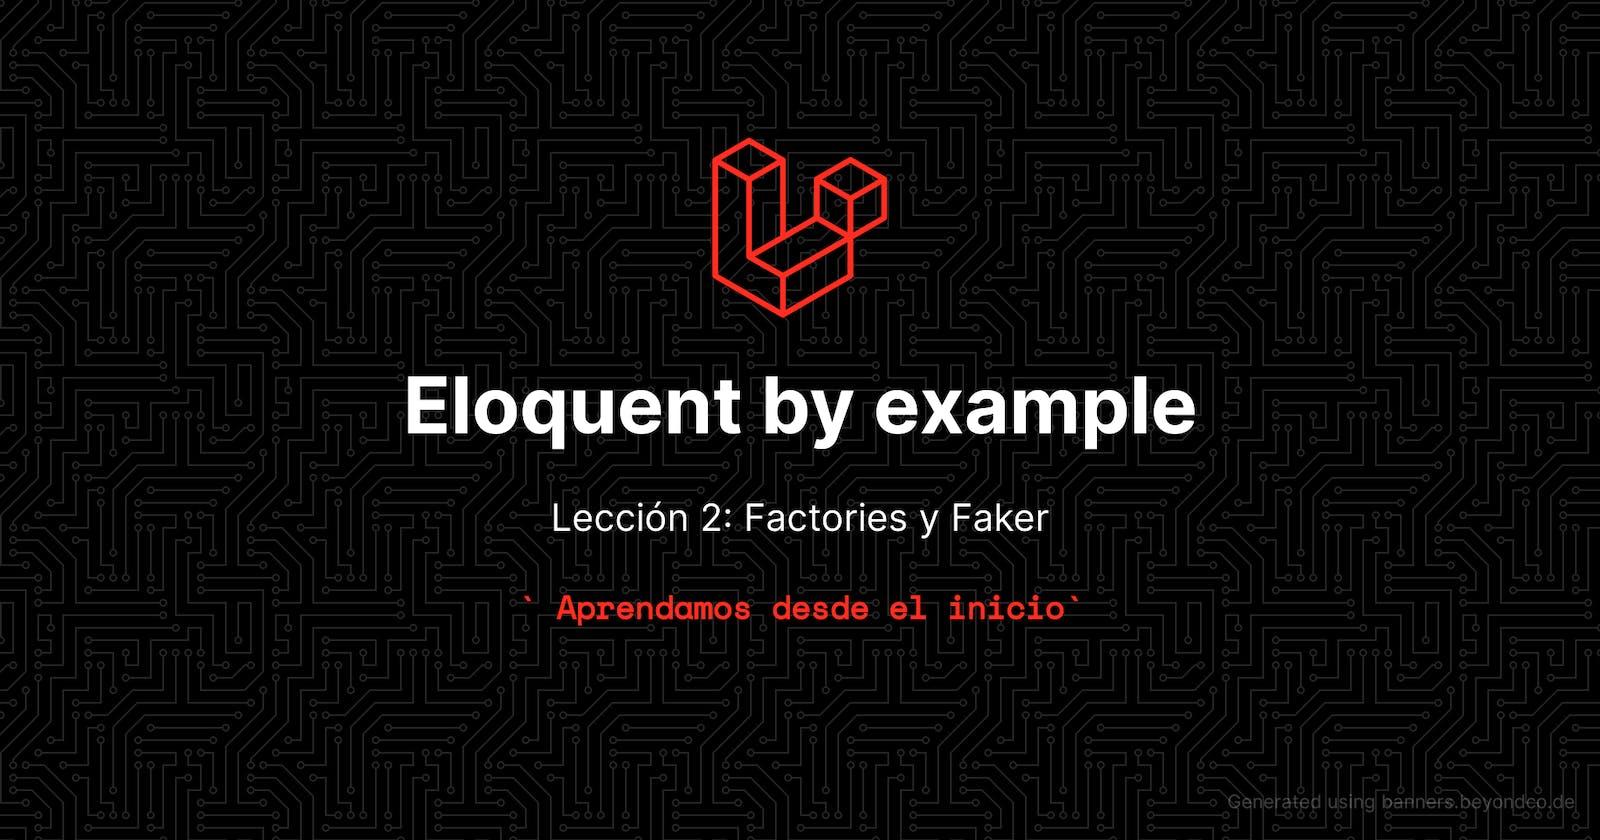 Aprende eloquent con ejemplos - Lección 2: Factories y Faker